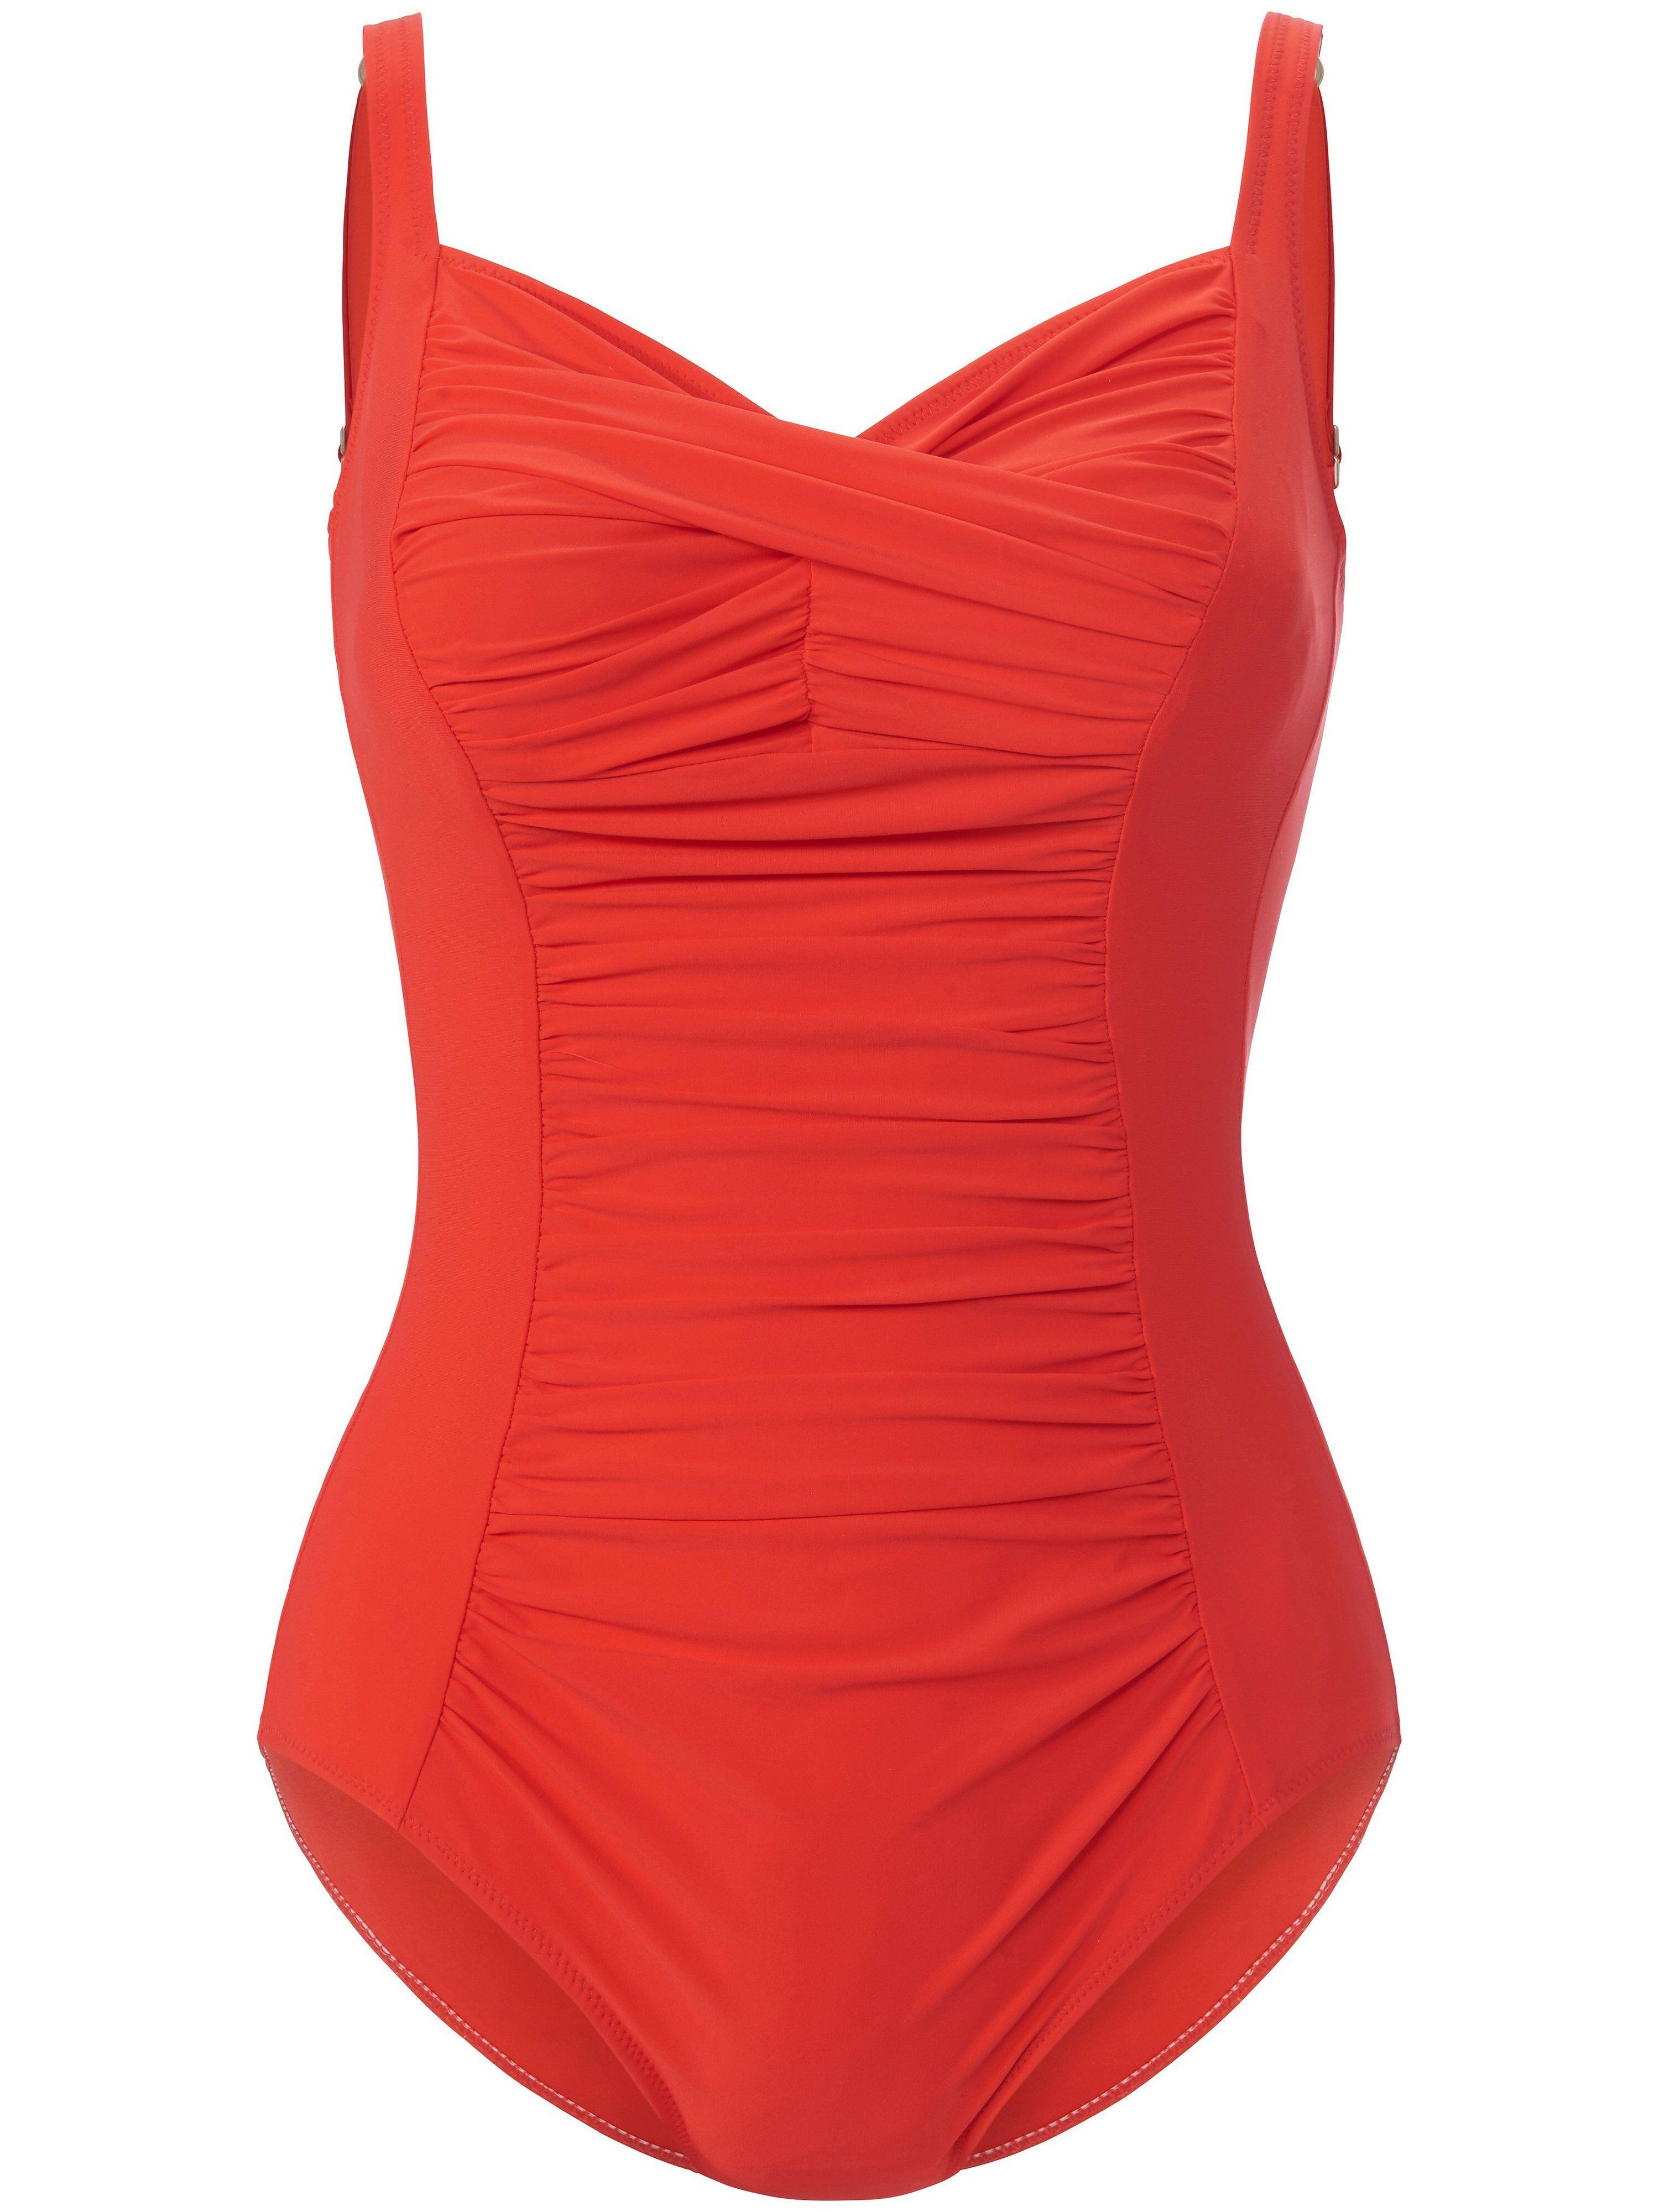 Anita Le maillot bain décolleté V  Anita rouge  - Femme - 46